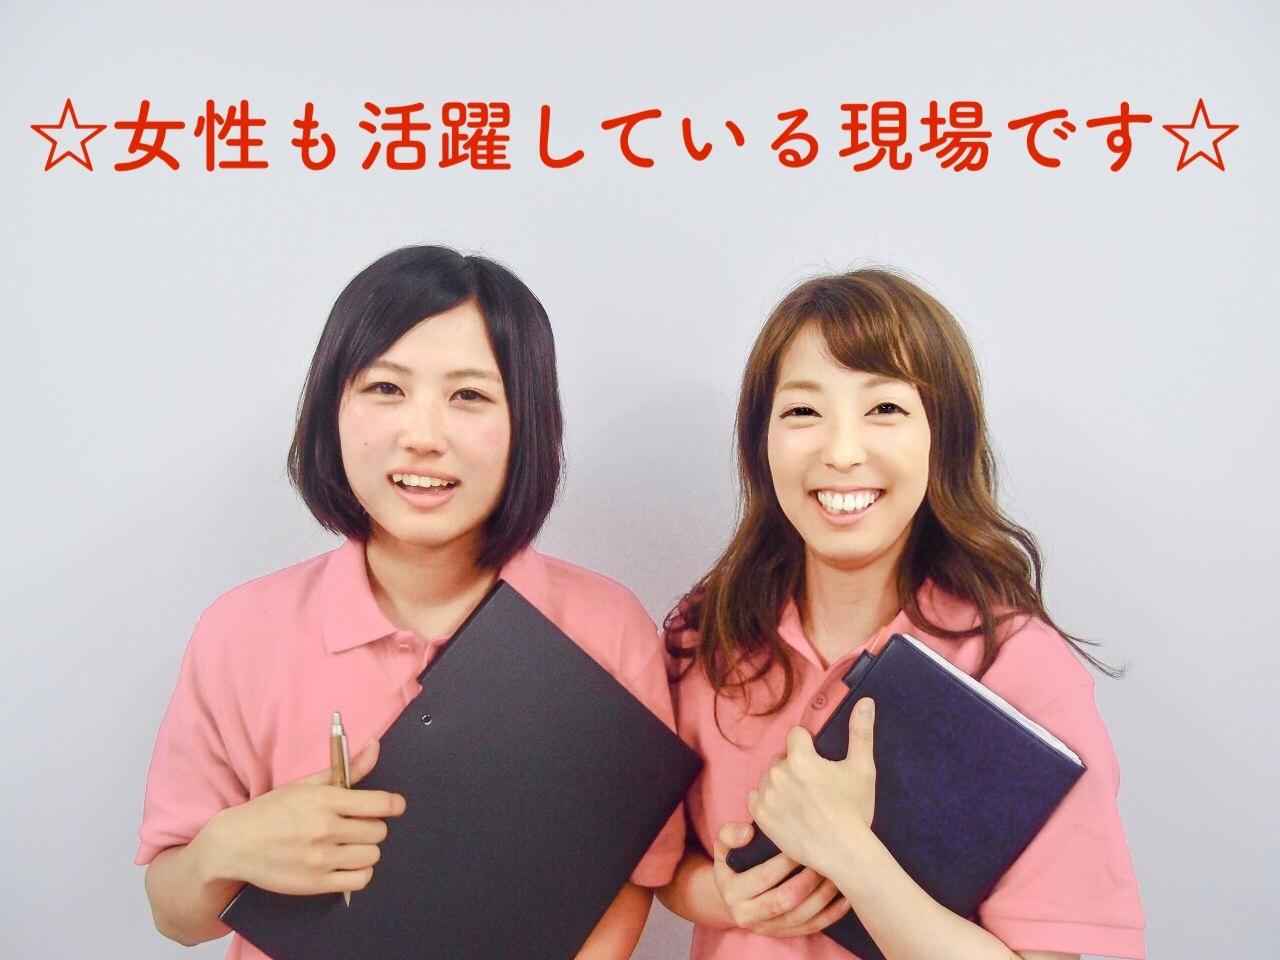 【高日給・日払いOK!!!】時給換算1,875円!!お友達と一緒に応募もOK☆